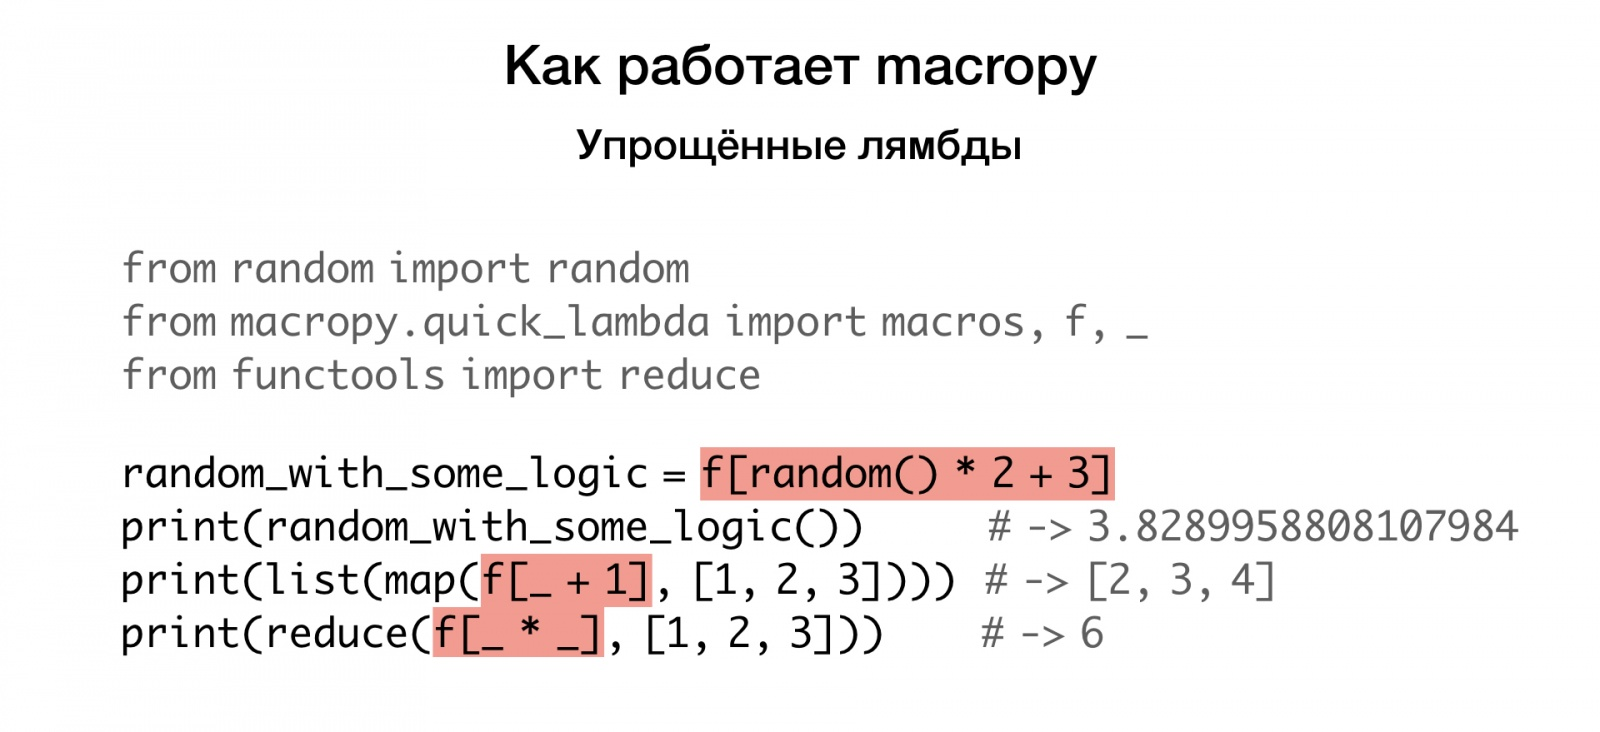 Макросы для питониста. Доклад Яндекса - 15